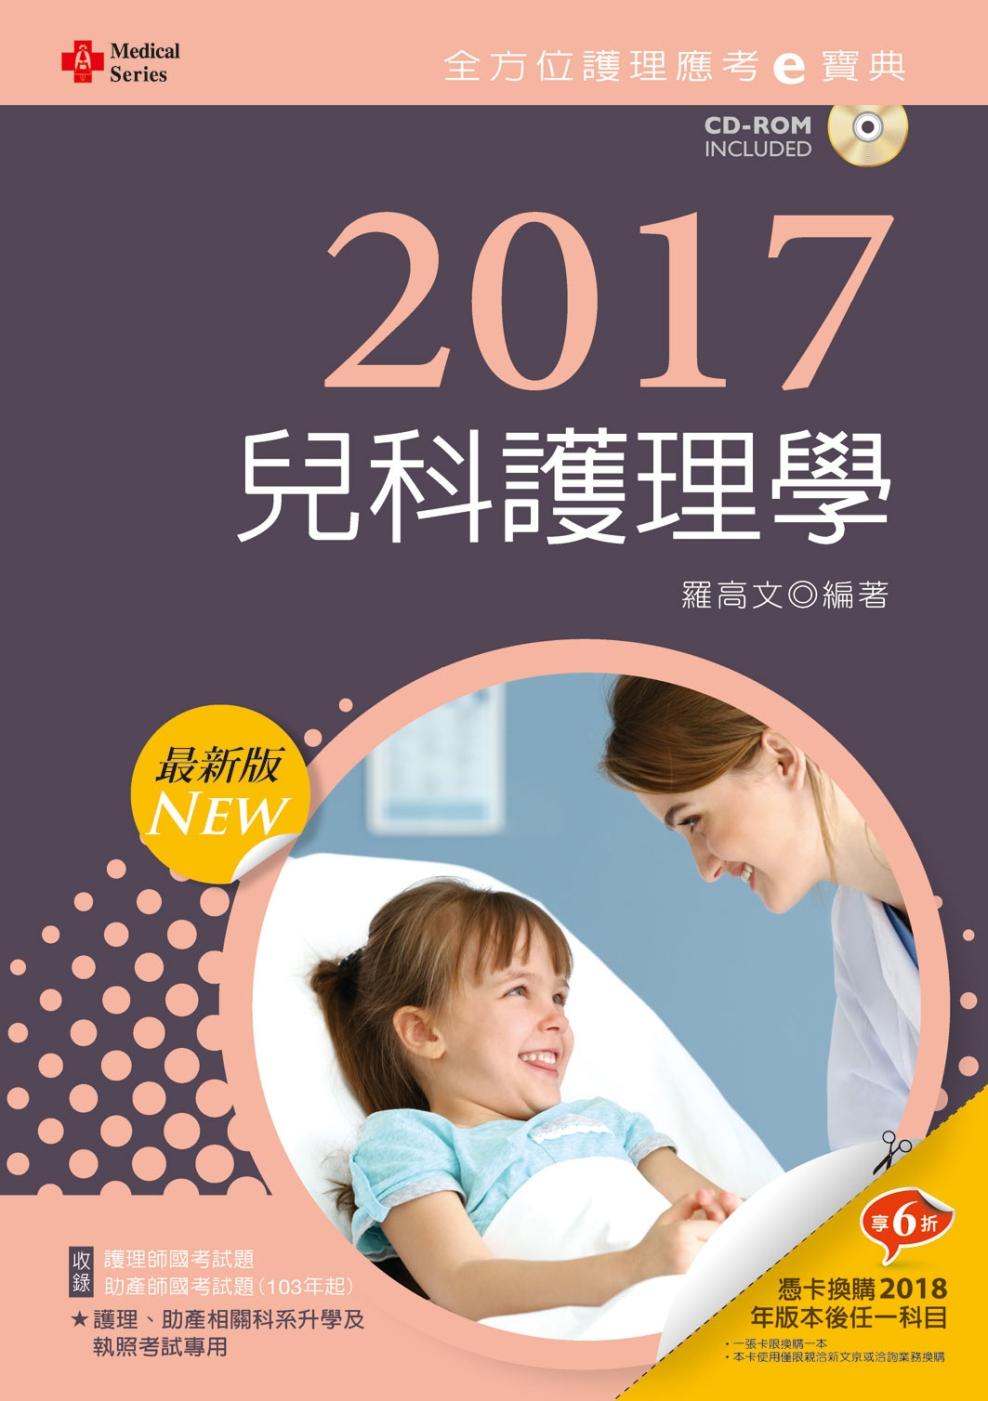 2017最新版 全方位護理應考e寶典:兒科護理學【附歷屆試題光碟(護理師、助產師)】(九版)